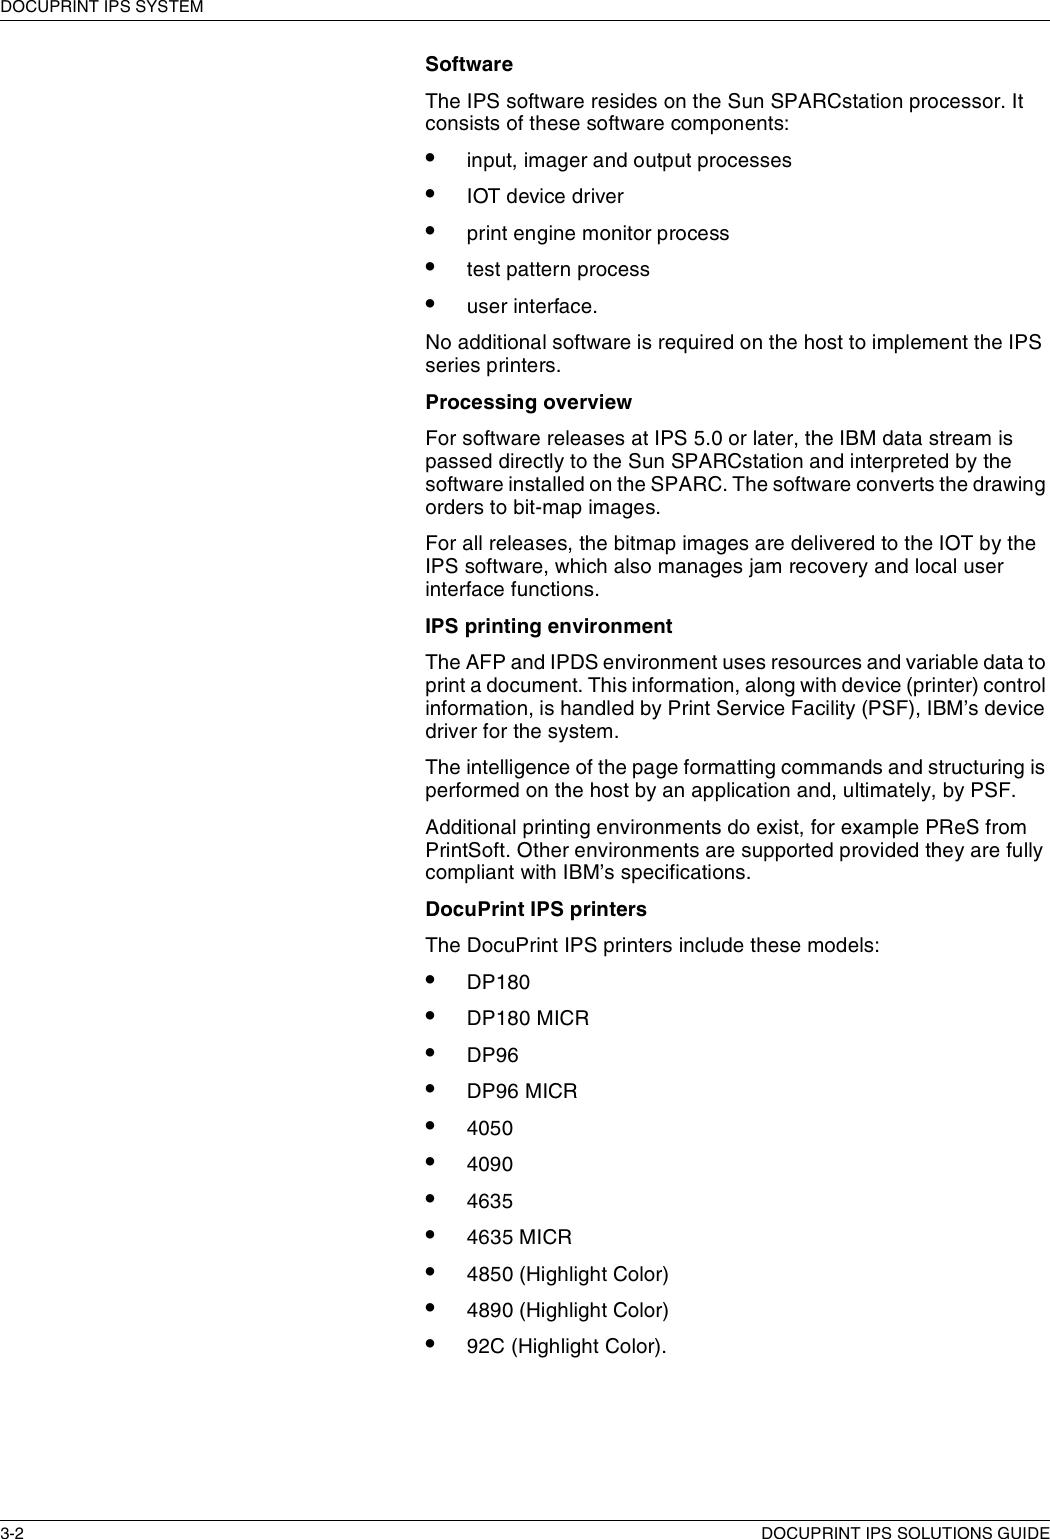 Xerox 721P88200 Users Manual